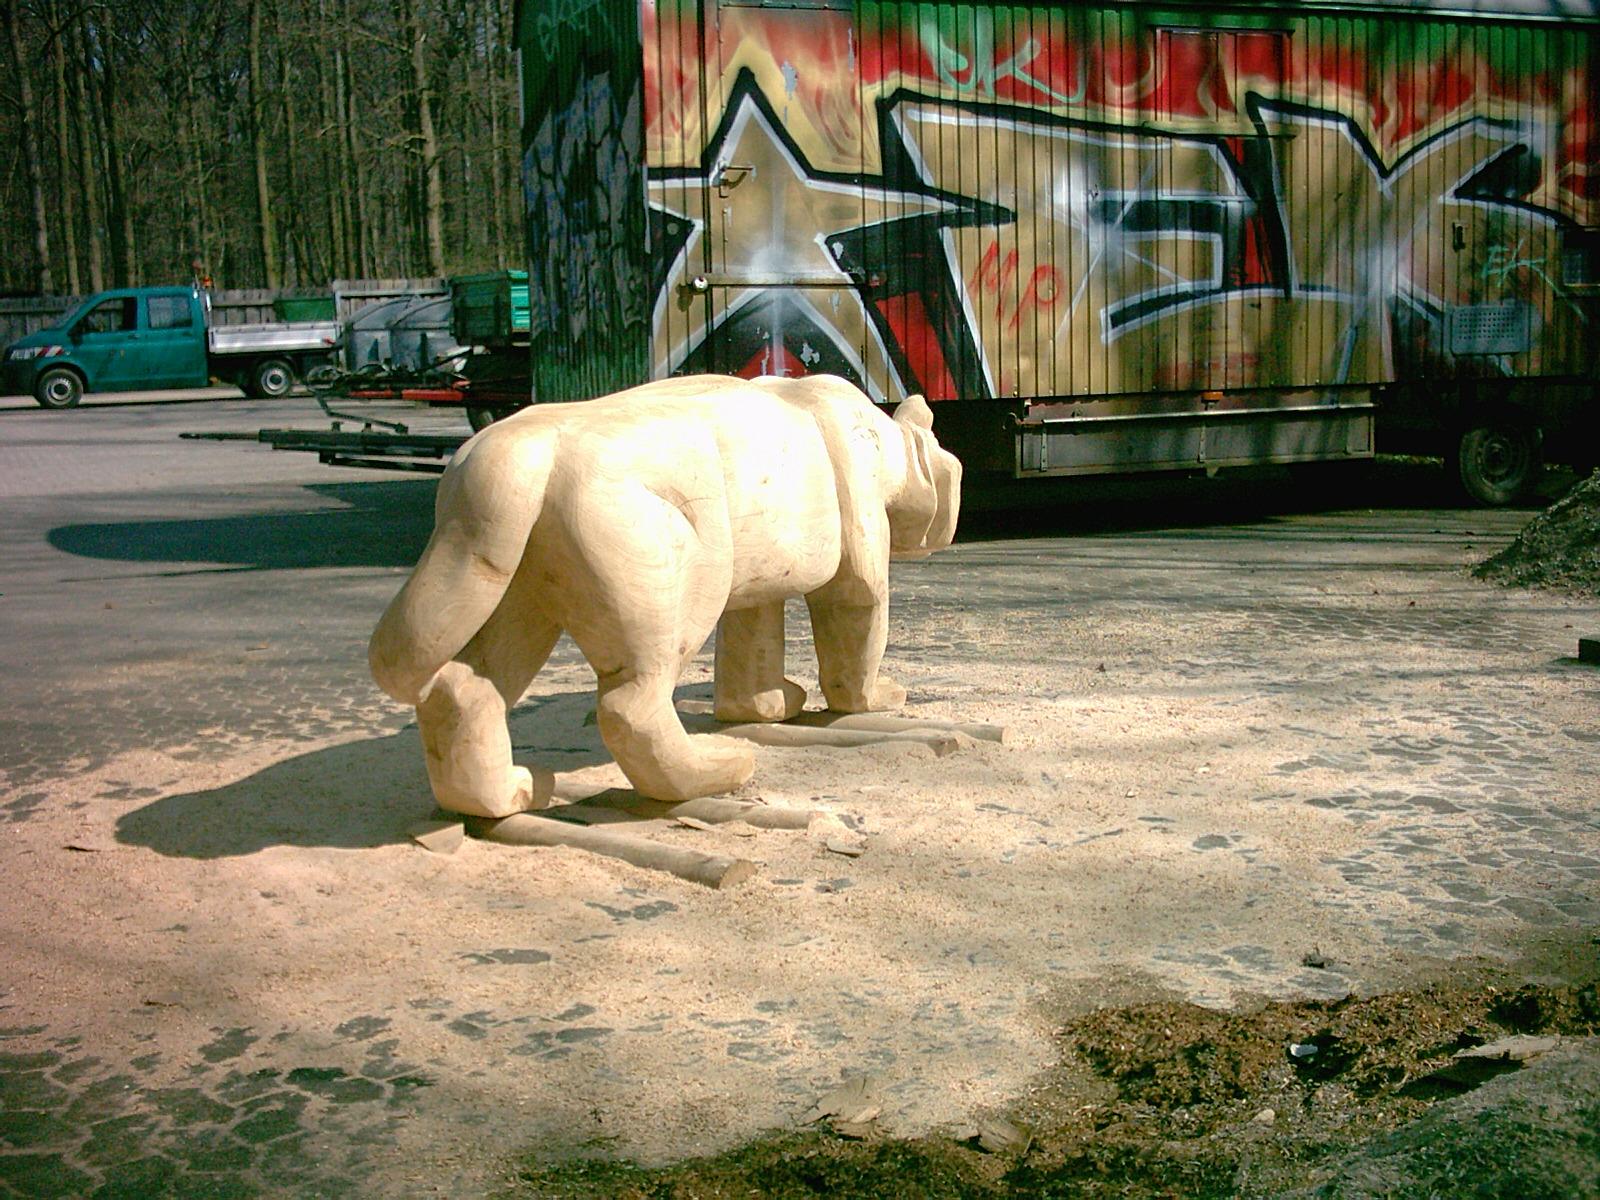 2009 Tiger, Gorillas, Schlange - Bothfelder Anger